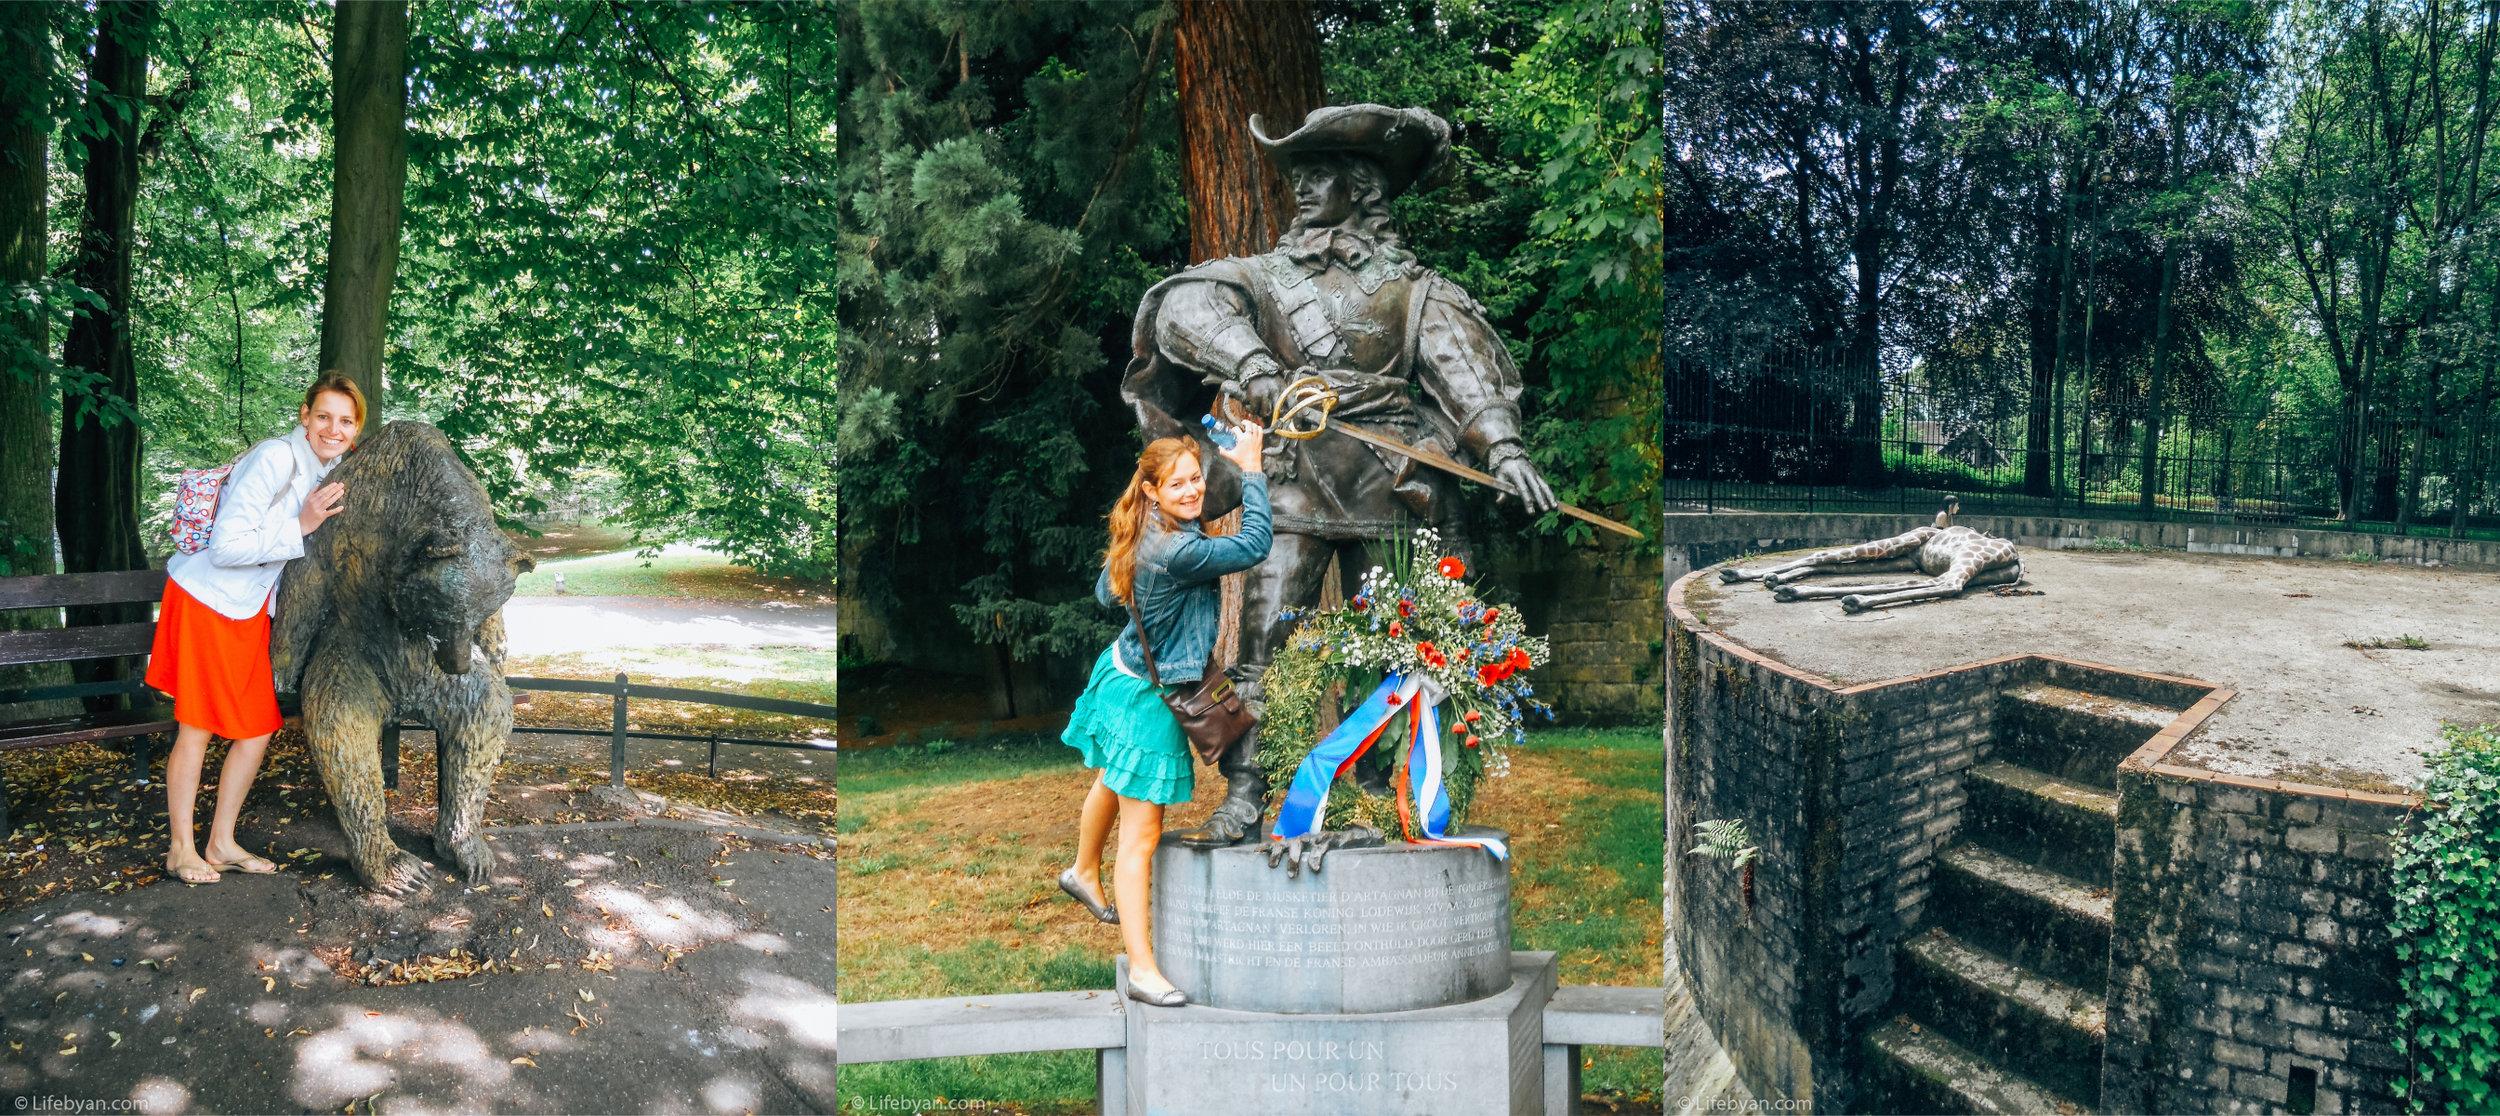 Inge en ik in het Stadspark : de beelden van de berenkuil, d'Artagnan en de giraf.